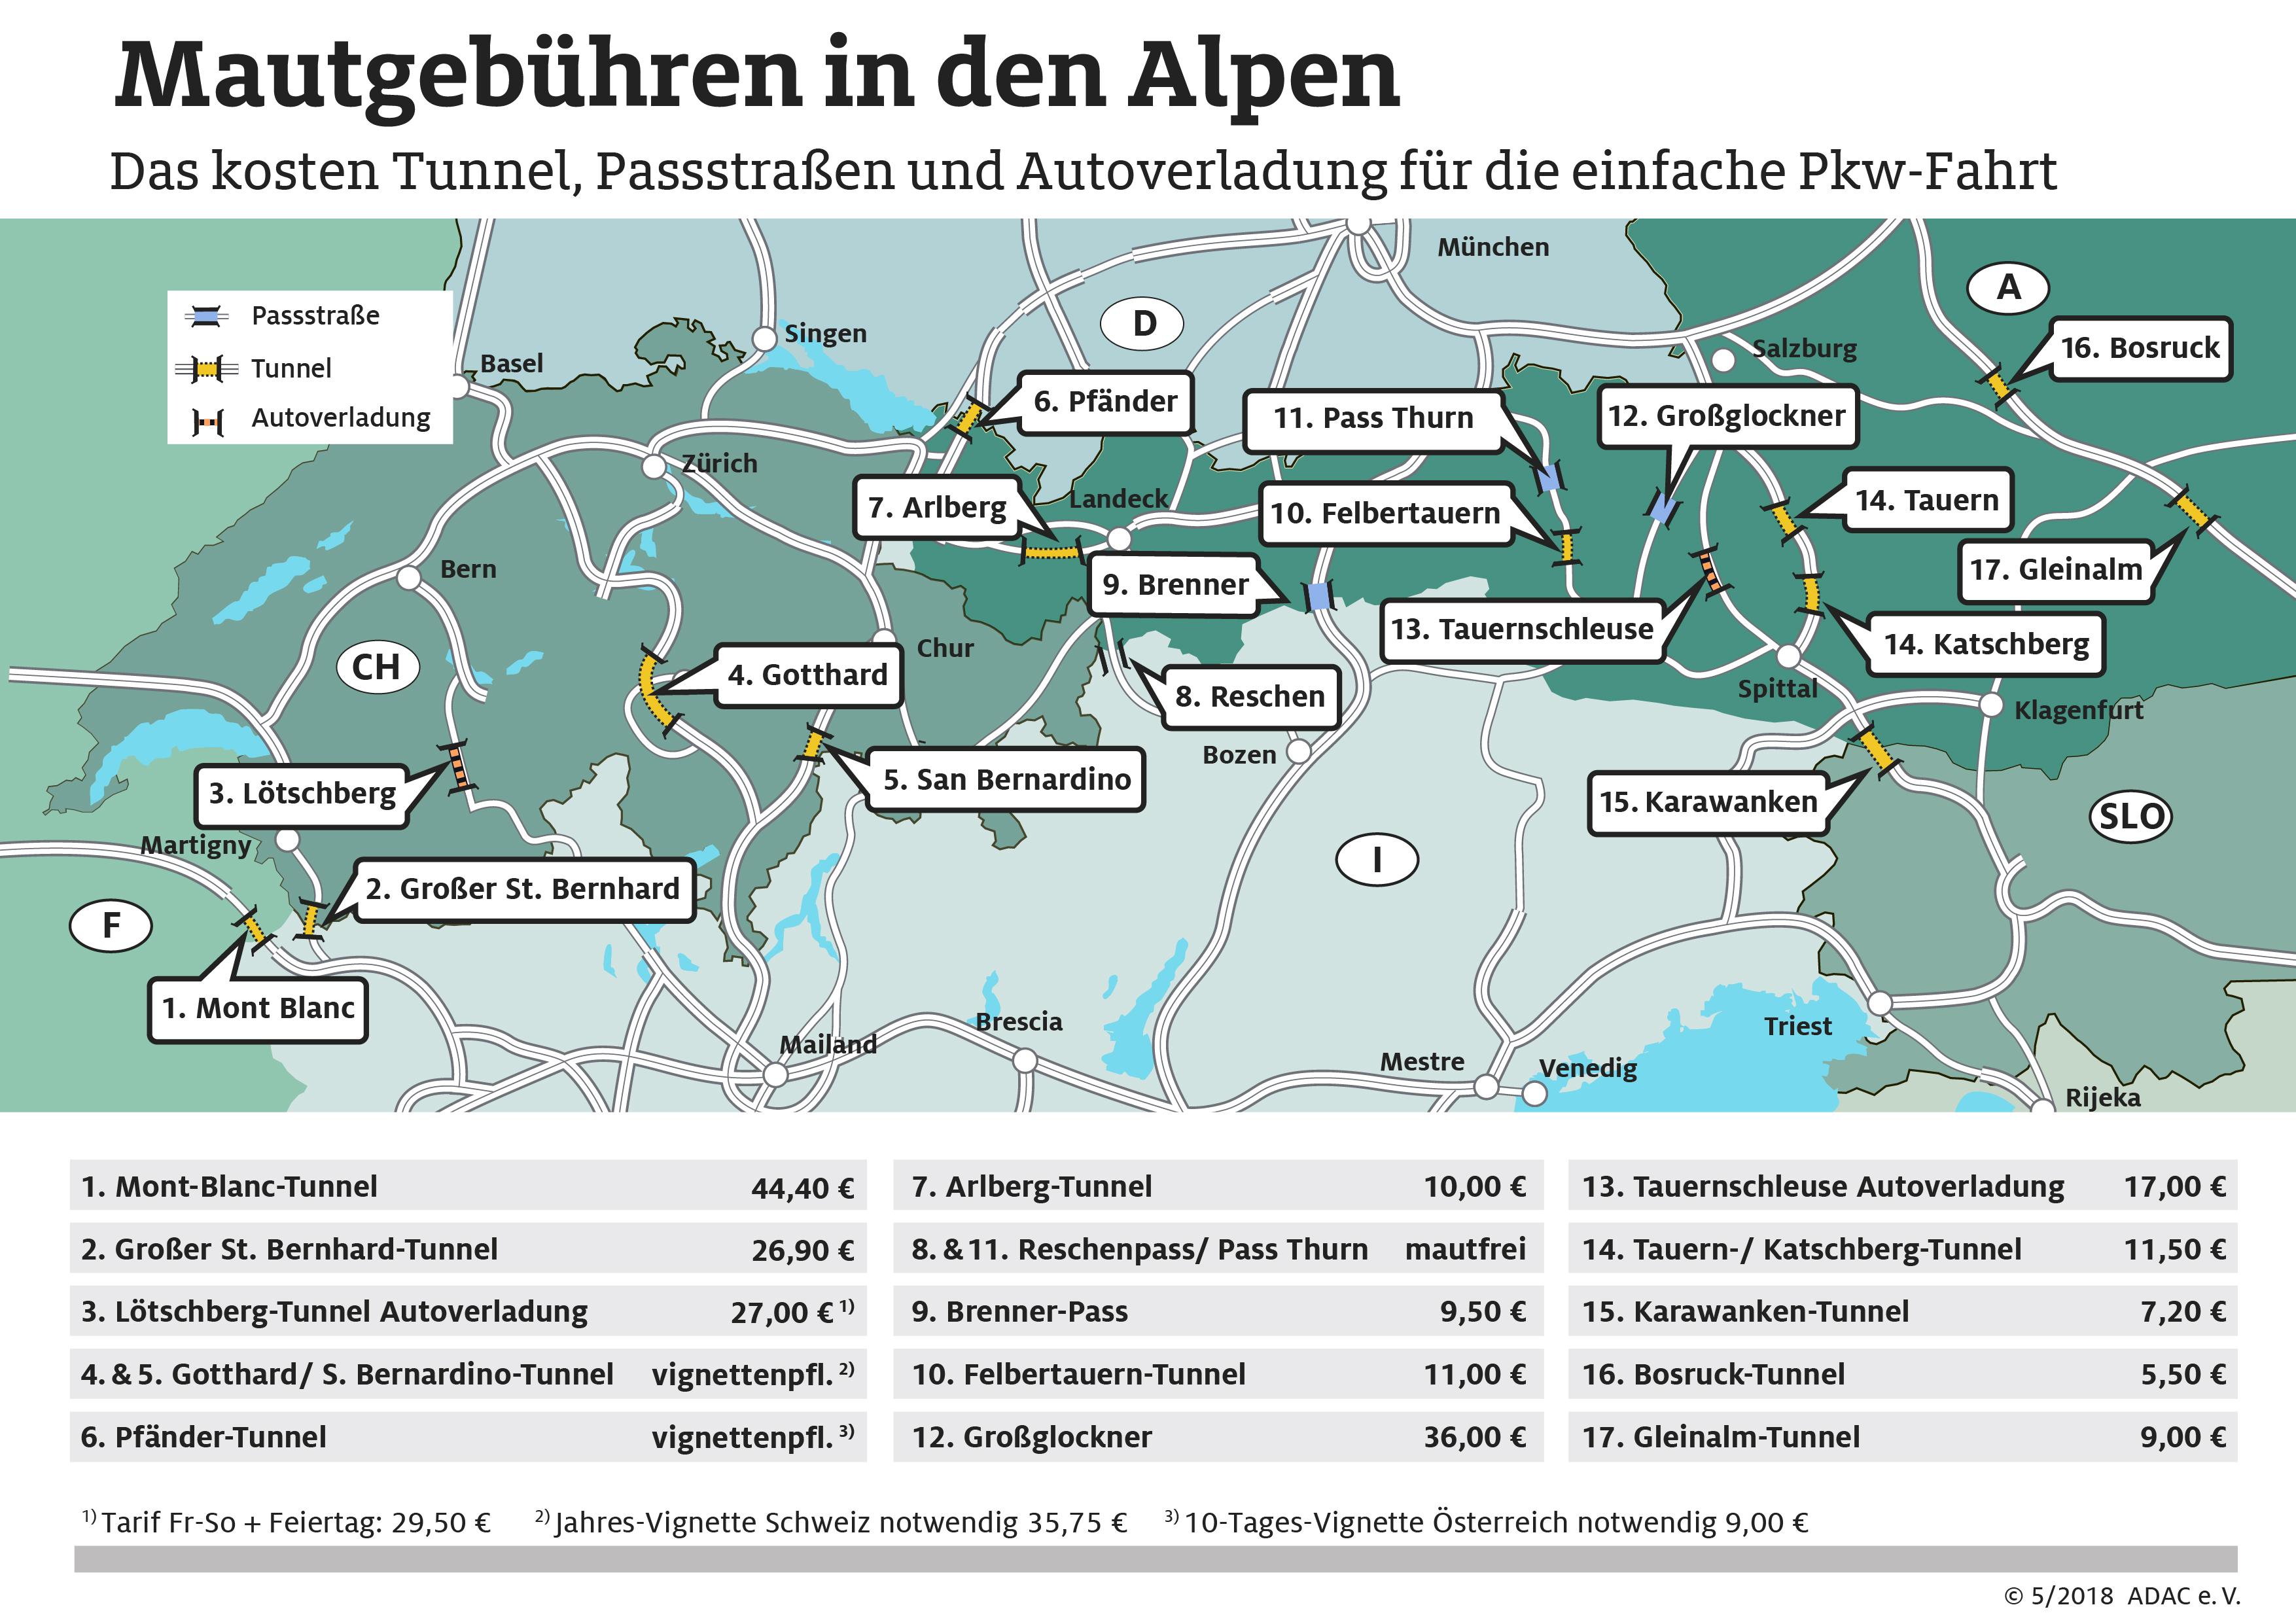 Mautgebühren in den Alpen ADAC: Das kosten Tunnel, Pässe und Autoverladestationen